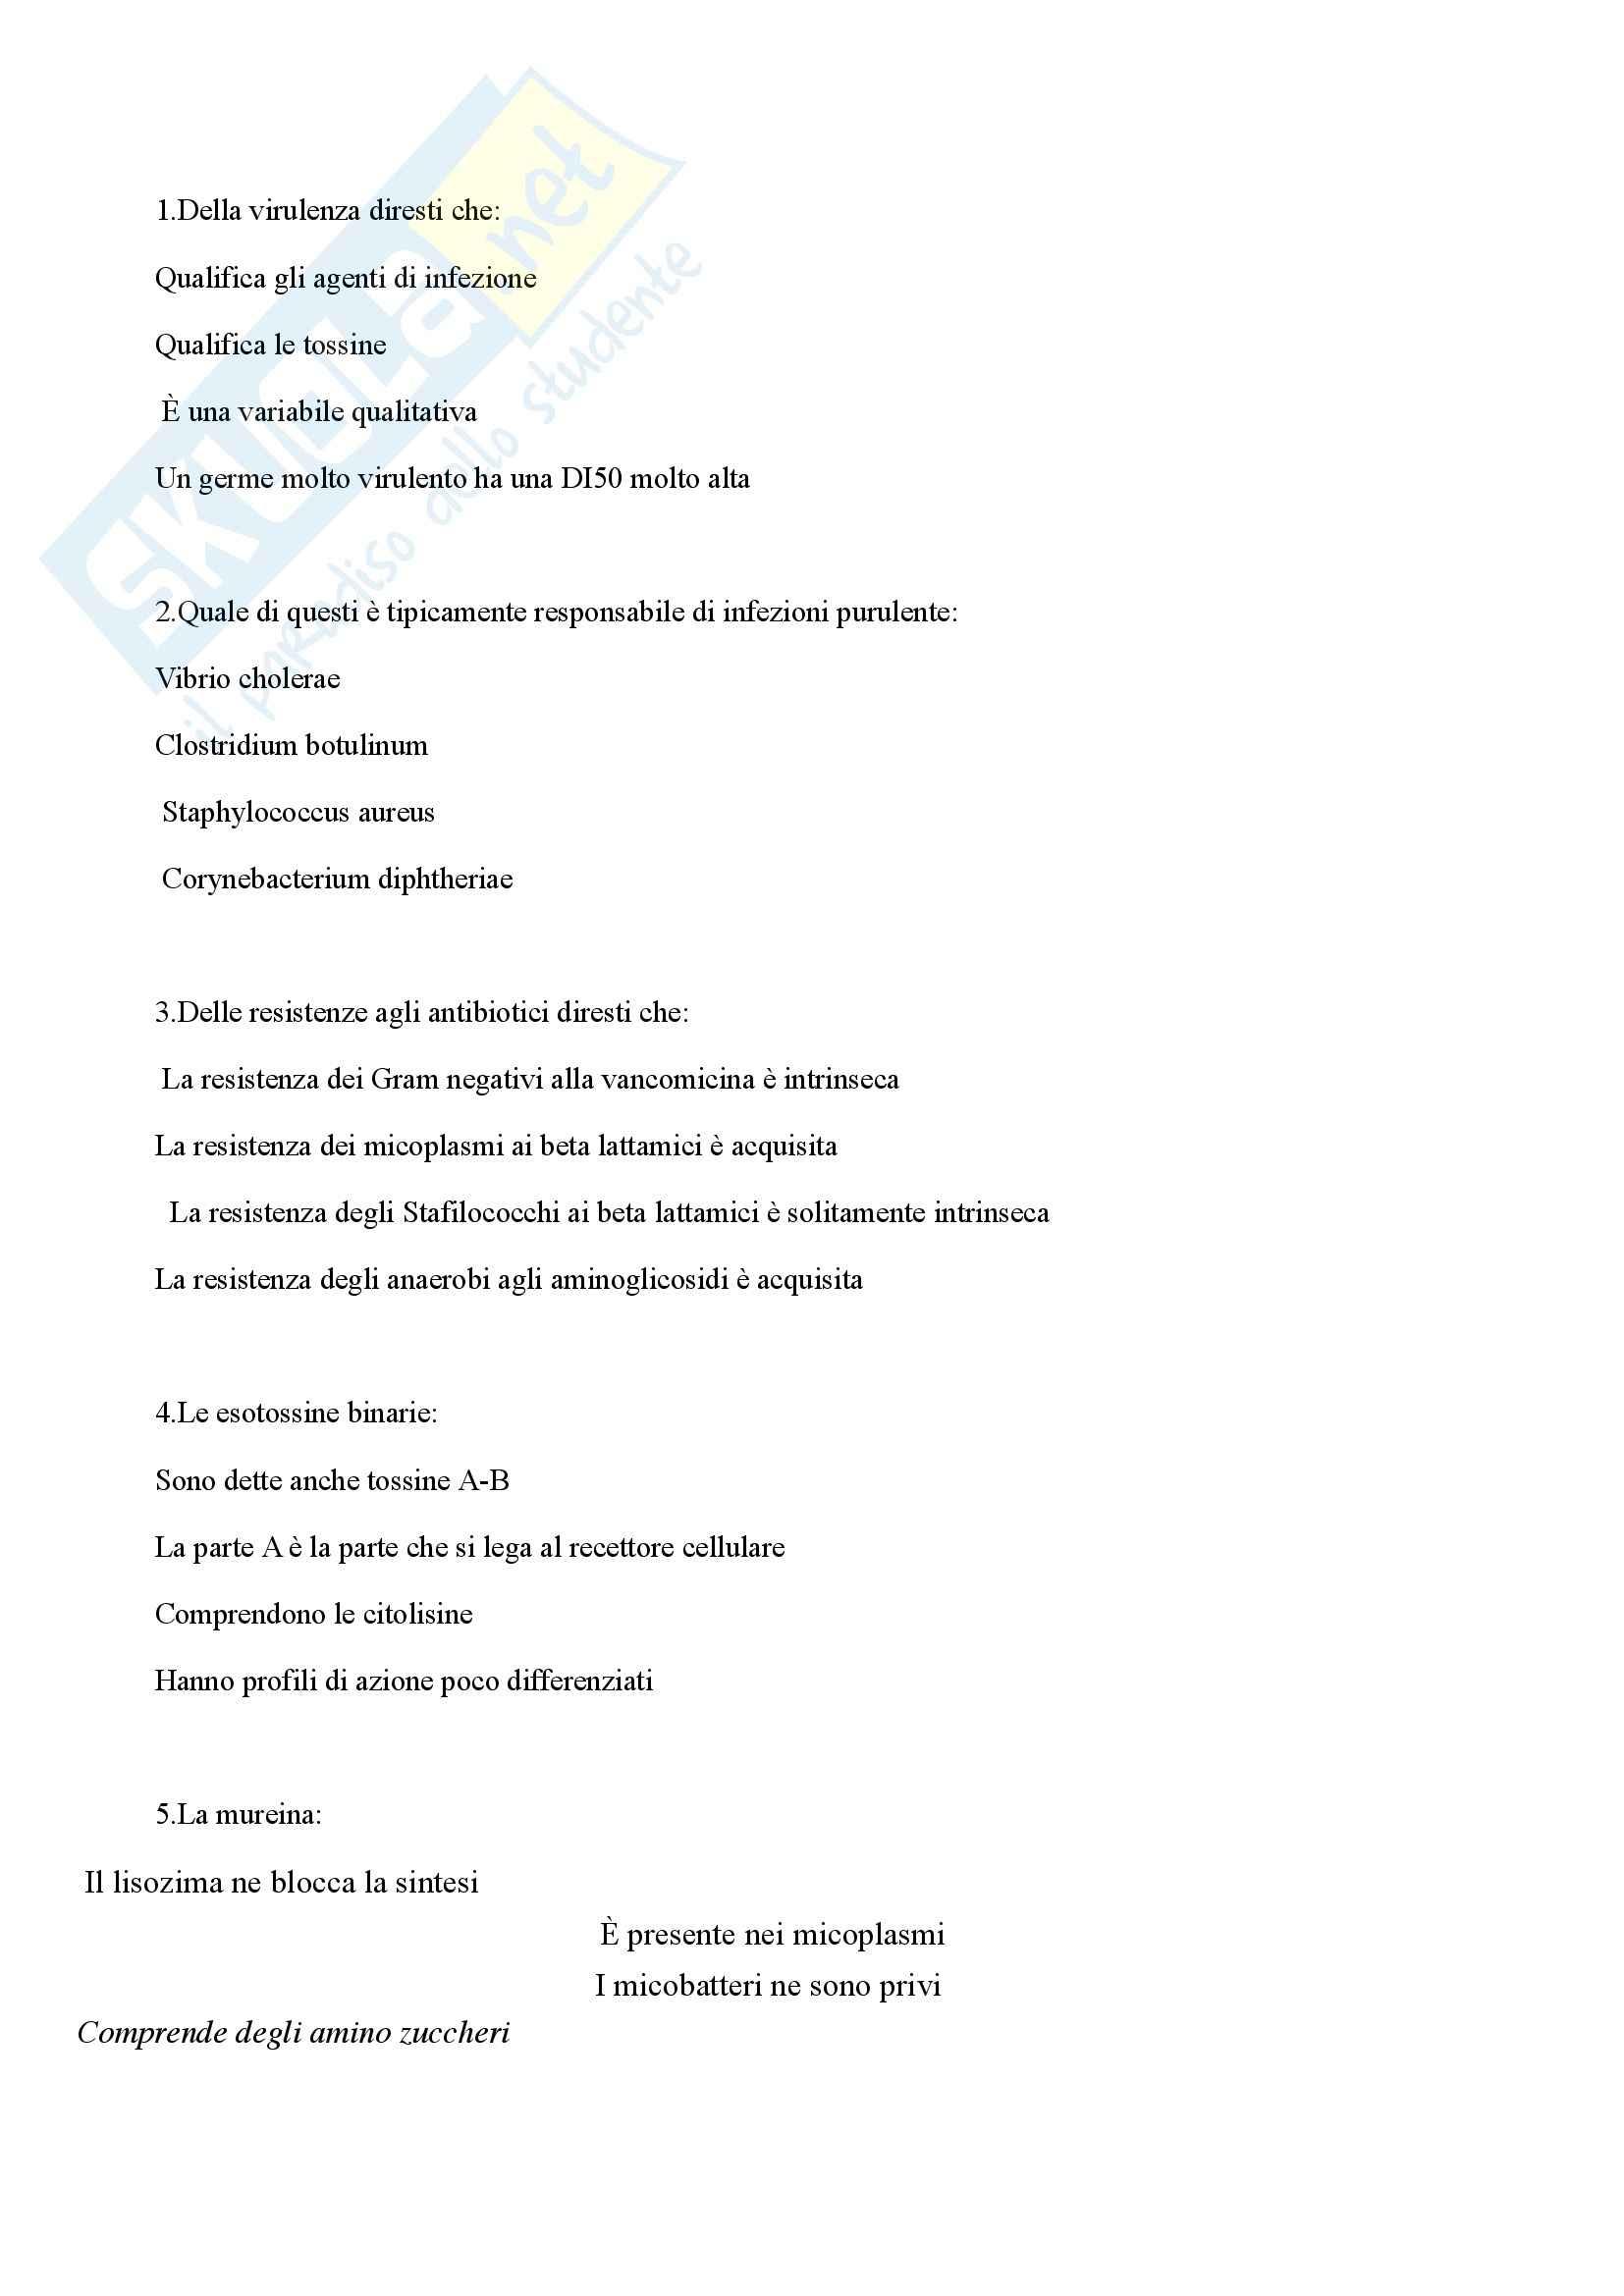 Microbiologia - domande generiche